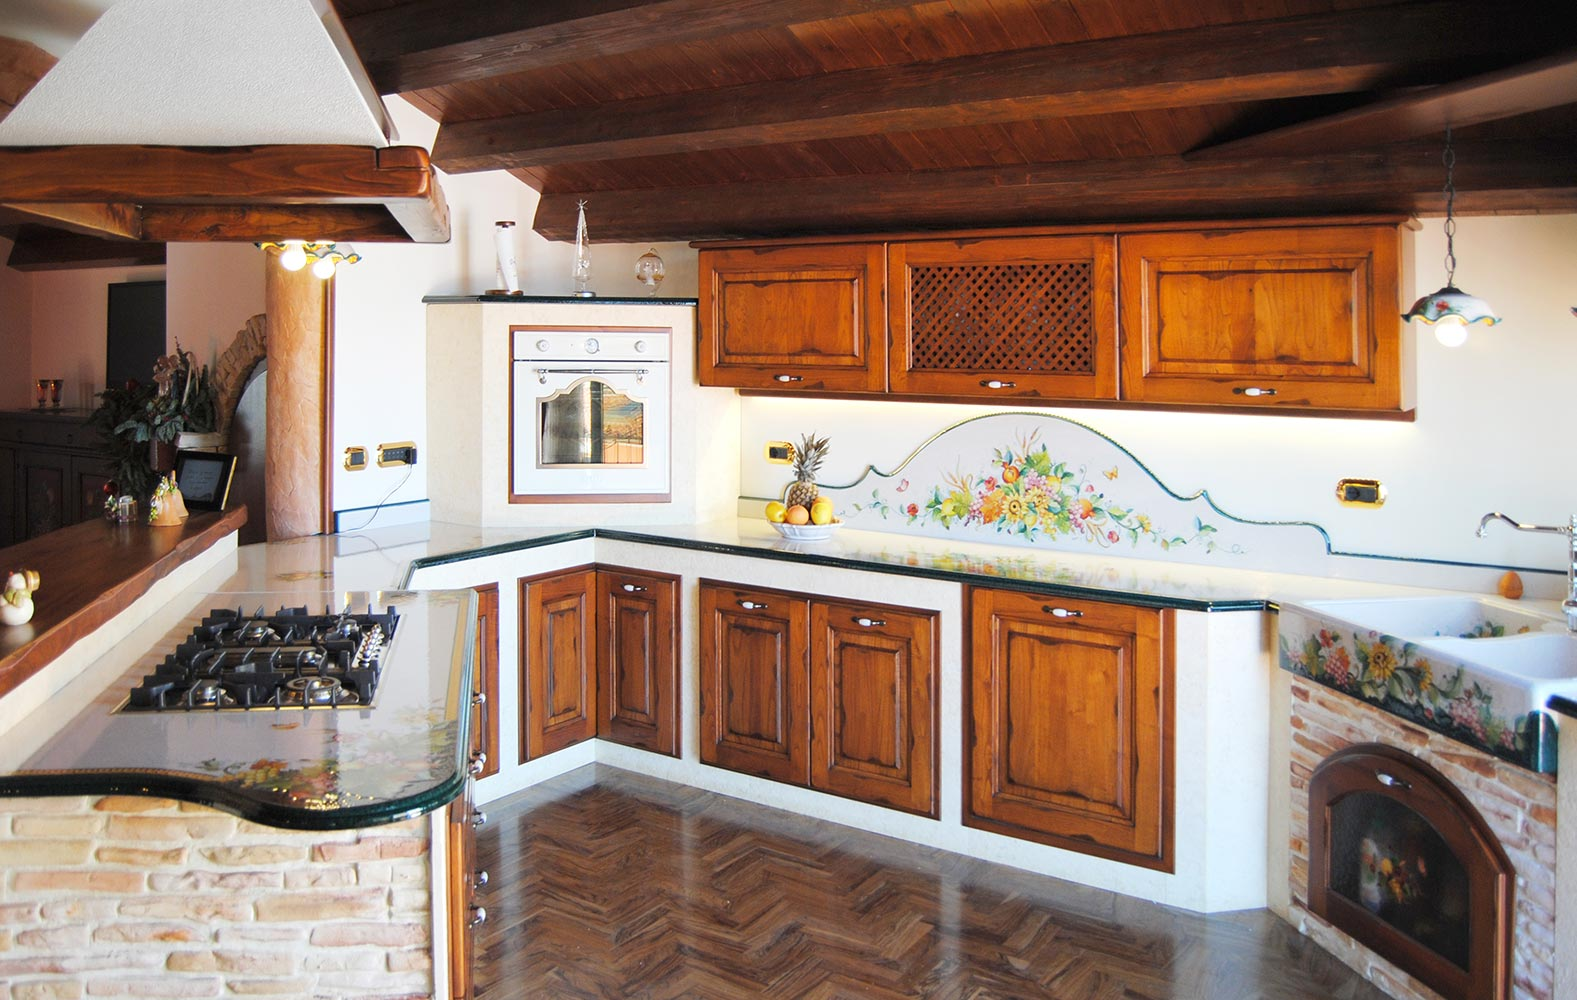 Forno Cucina In Muratura le cucine d'arte in muratura smontabile con top decorati a mano